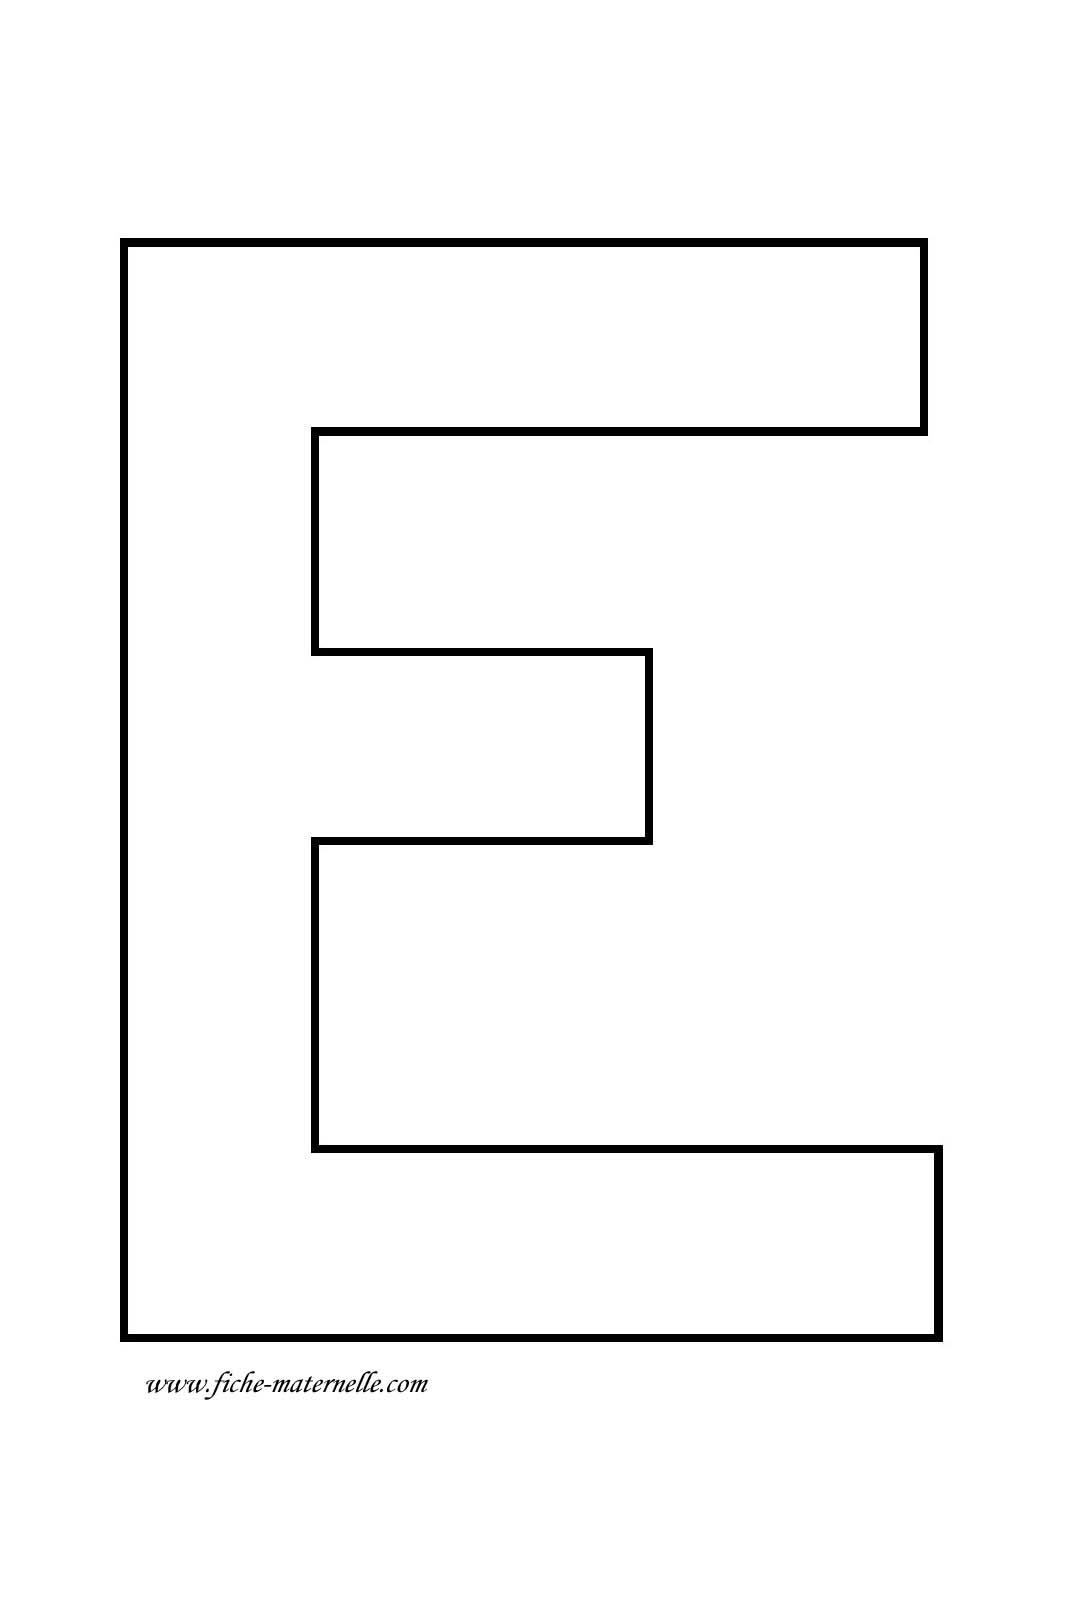 Lettre de l 39 alphabet d corer lettre e - Lettre de l alphabet en majuscule a imprimer ...